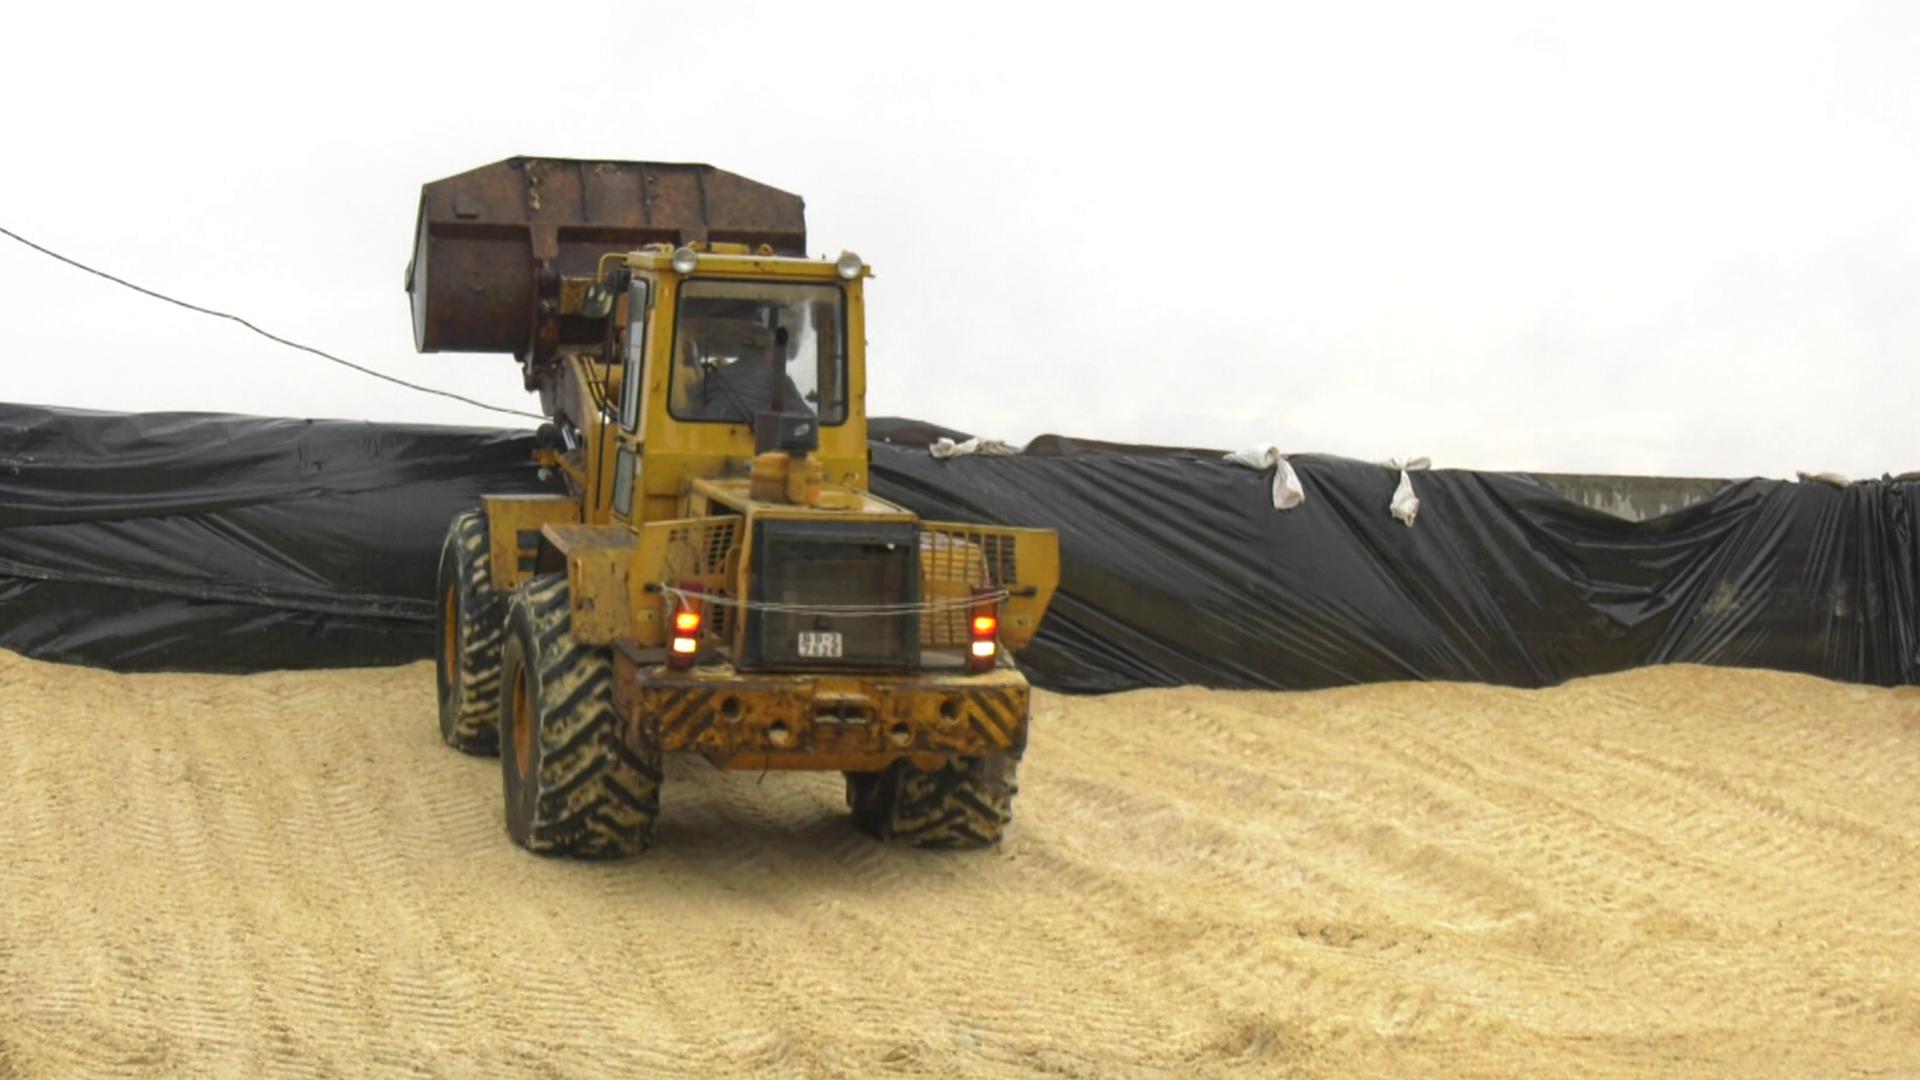 kukuruza - Богатый урожай зерна кукурузы получили в Оршанском районе (видео)